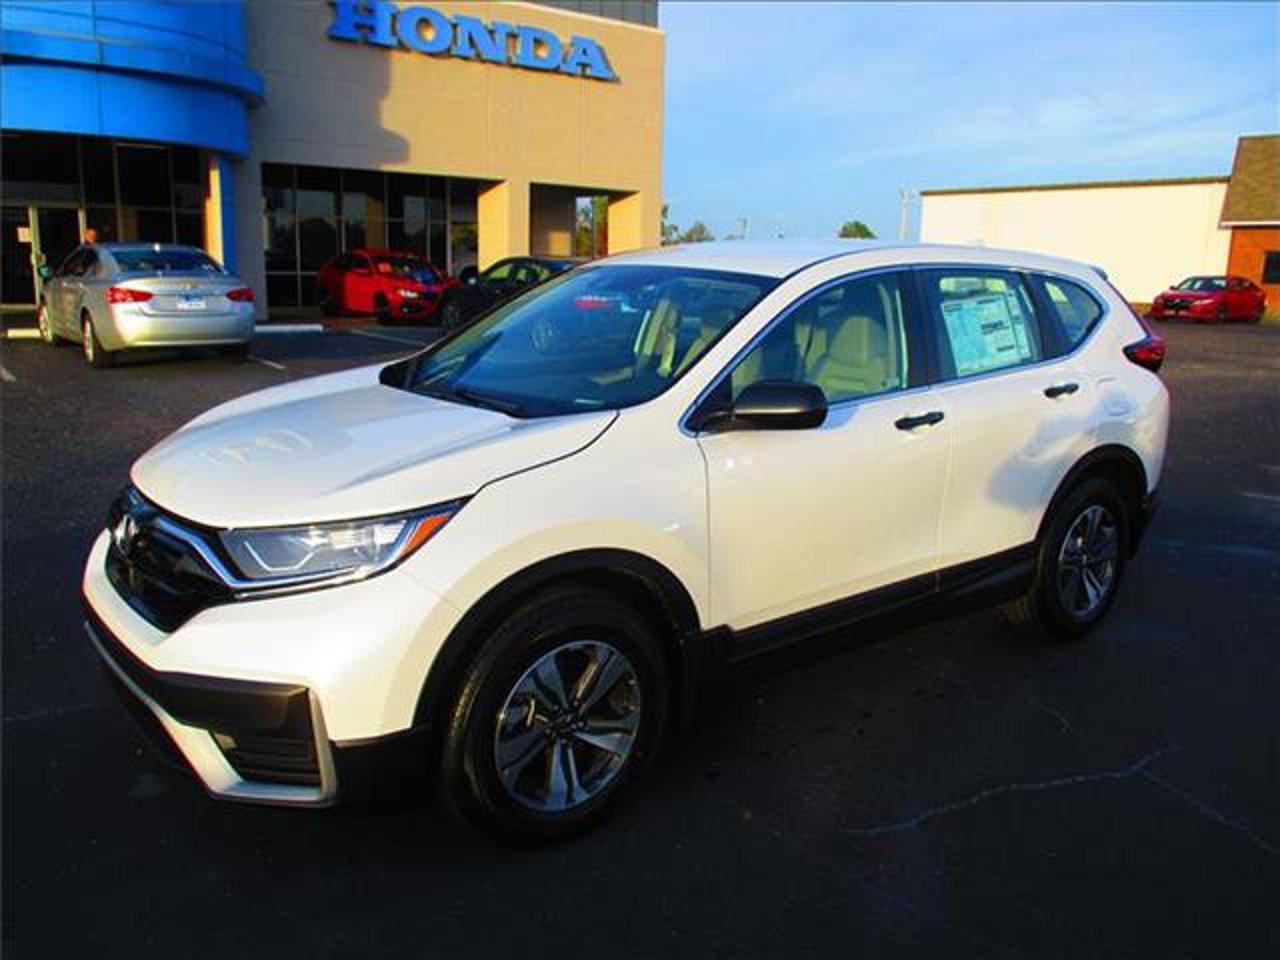 New 2020 Honda CR-V in Dothan, AL